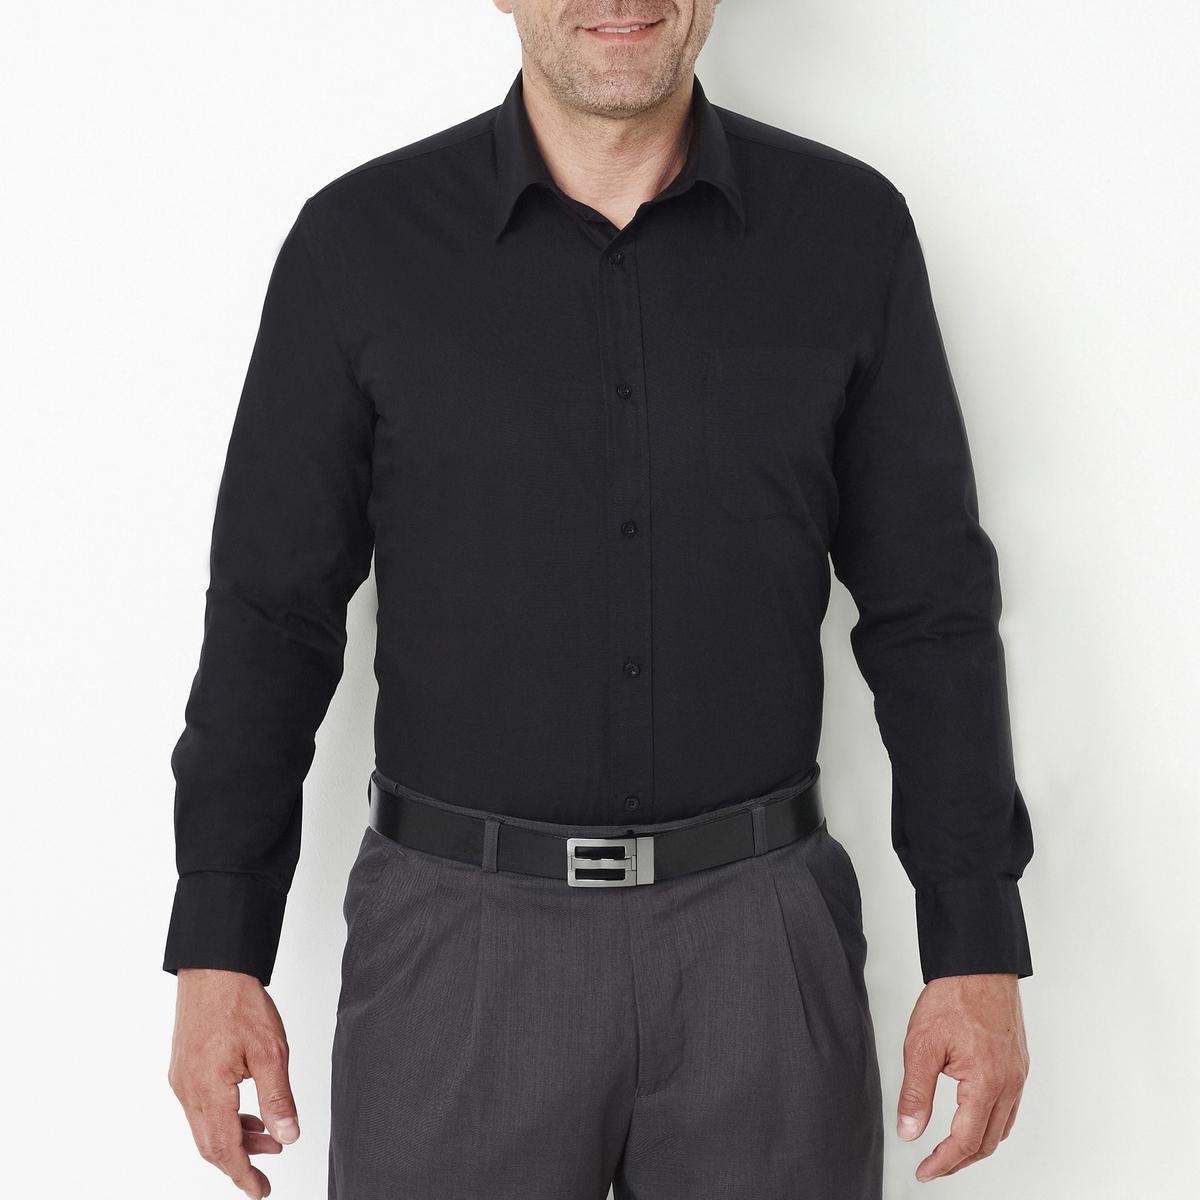 Рубашка однотонная с длинными рукавамиОписание:Детали •  Длинные рукава •  Прямой покрой •  Классический воротникСостав и уход    •  Стирать при 40° •  Любые растворители / не отбеливать   • Барабанная сушка на слабом режиме       • Средняя температура глажки Товар из коллекции больших размеров •  Длина: 86 см<br><br>Цвет: черный